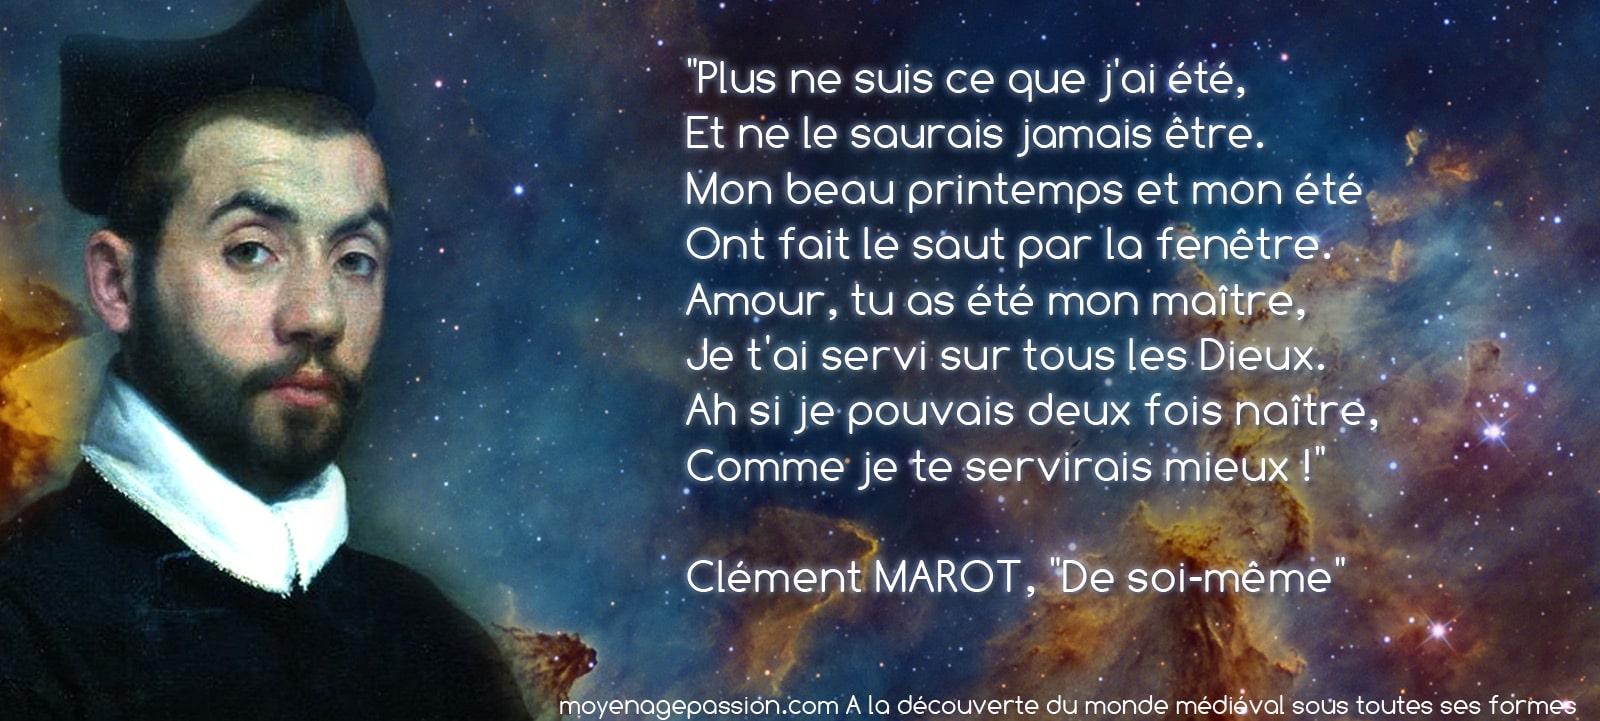 posie_medievale_clement_marot_de_soi_meme